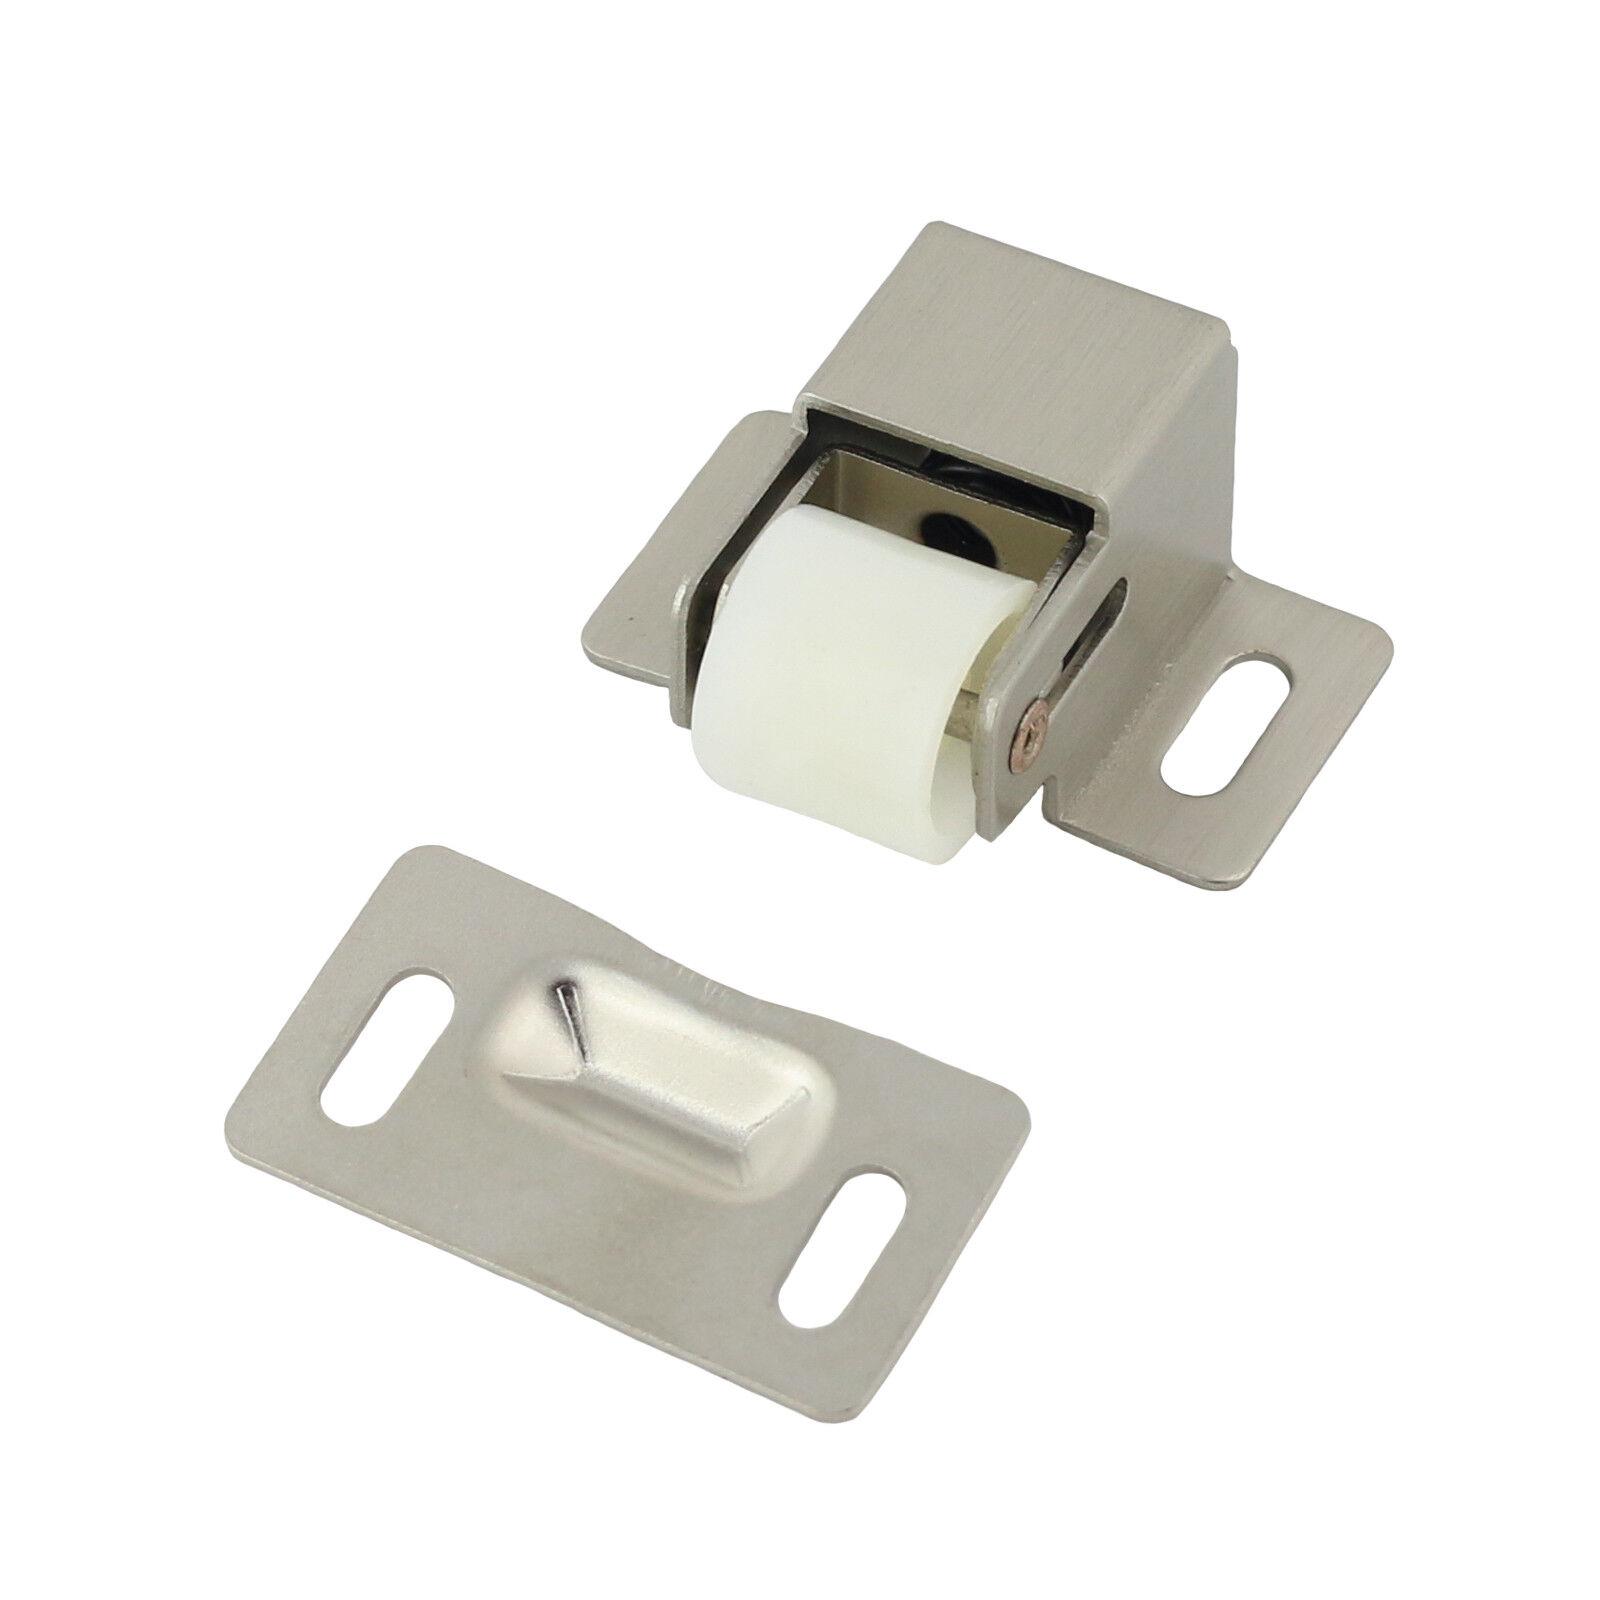 Roller Catch Cabinet Door Latch Door Hardware and Packs, Satin Nickel Building & Hardware